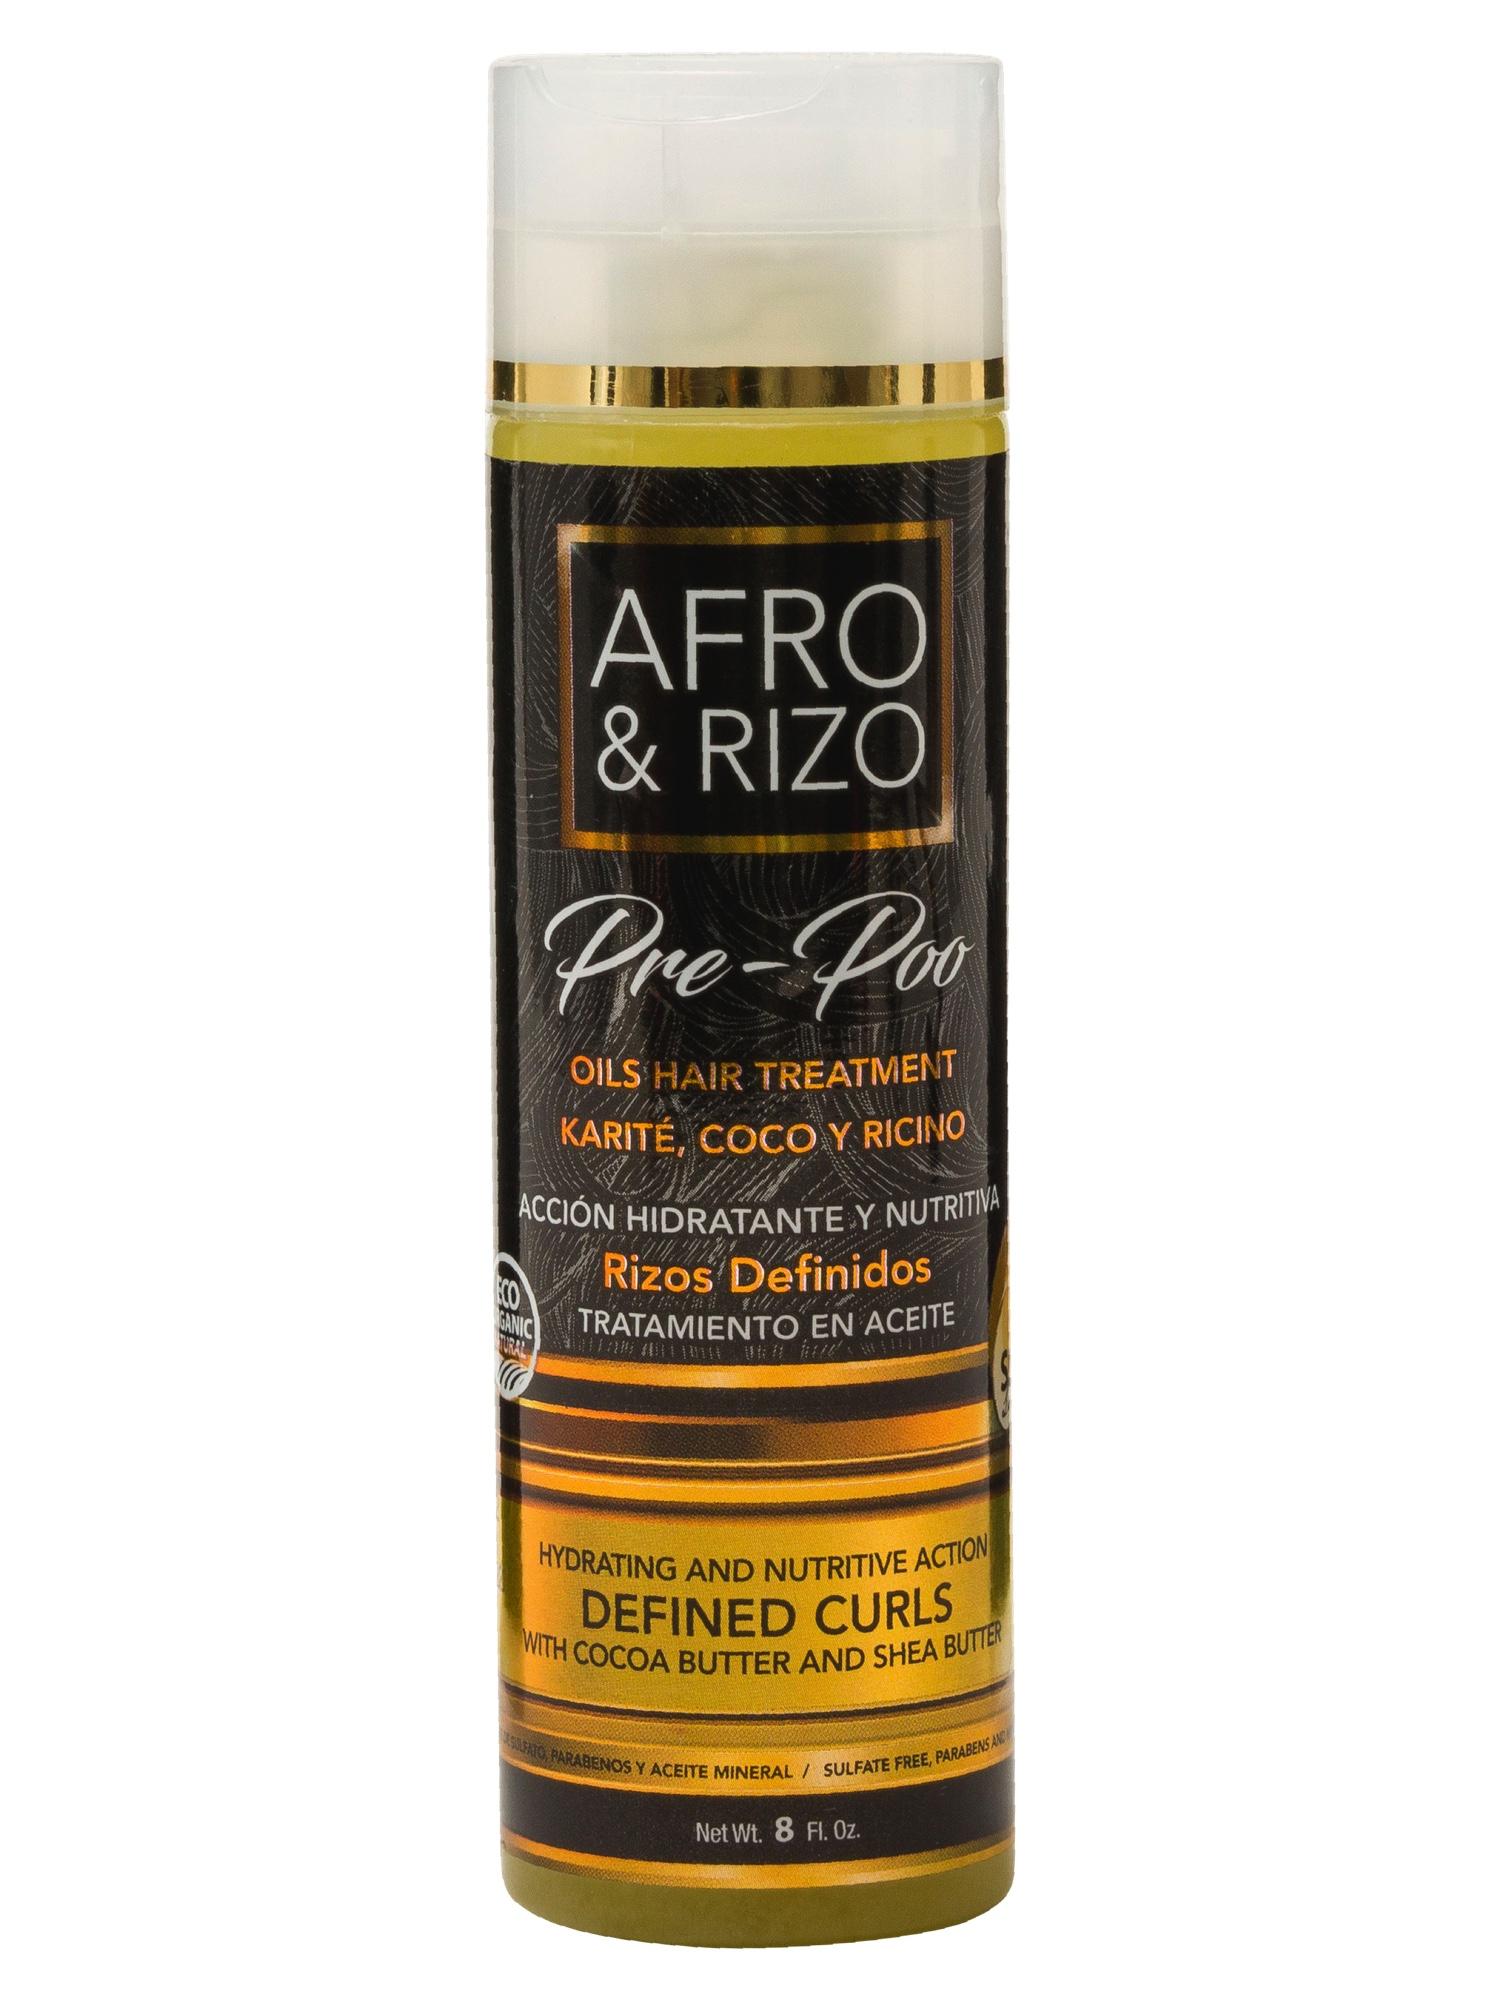 Afro-Rizo-Prepoo